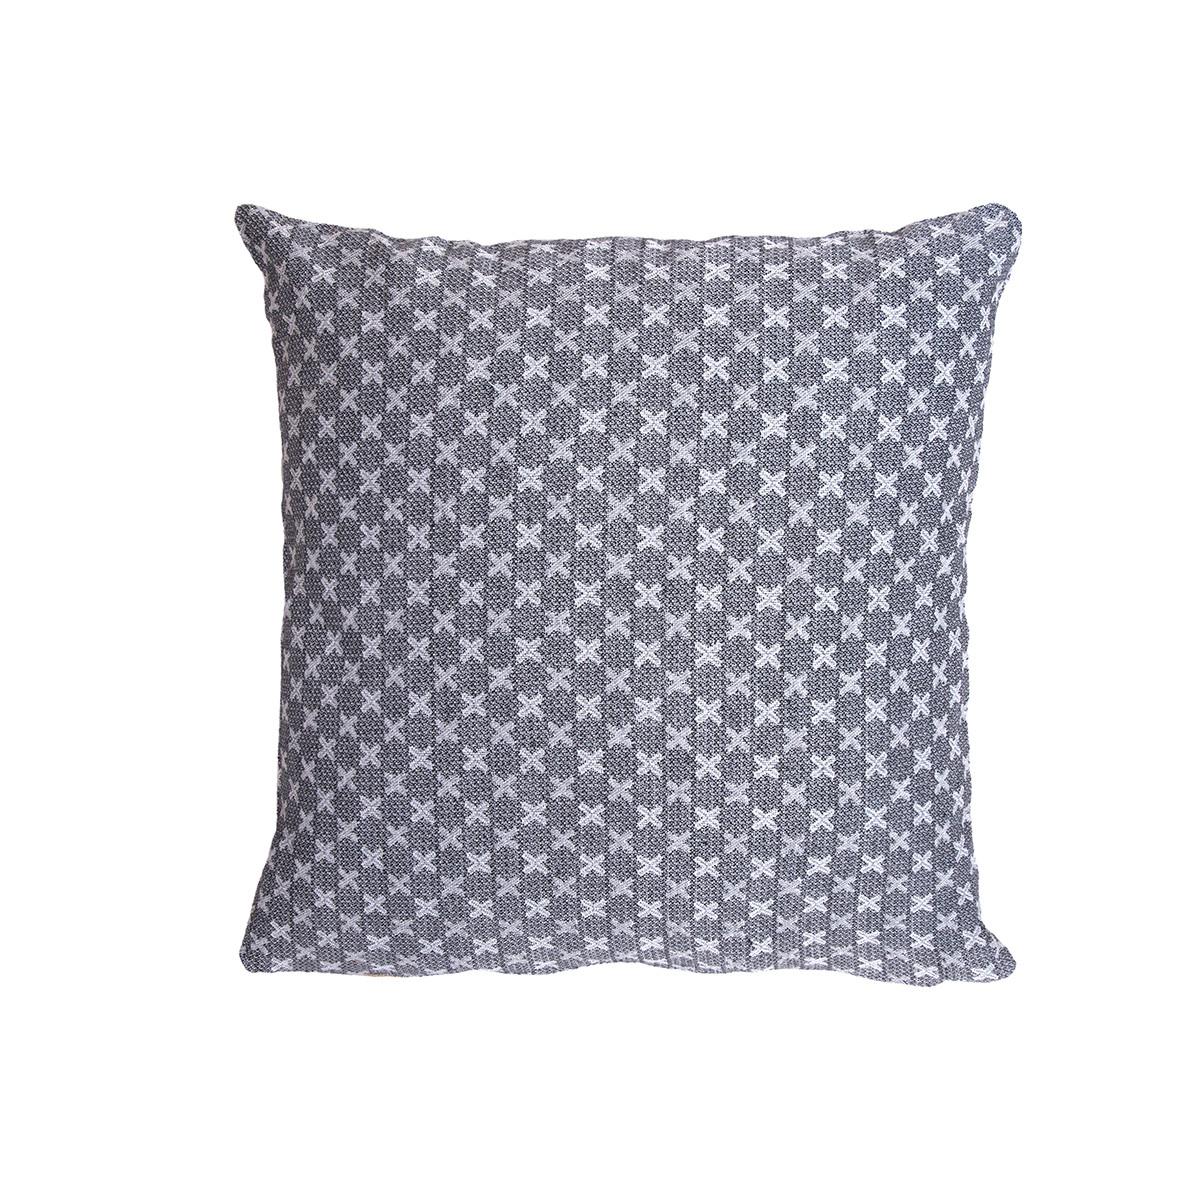 Διακοσμητική Μαξιλαροθήκη (40×40) Loom To Room Ristine Crispi Grey